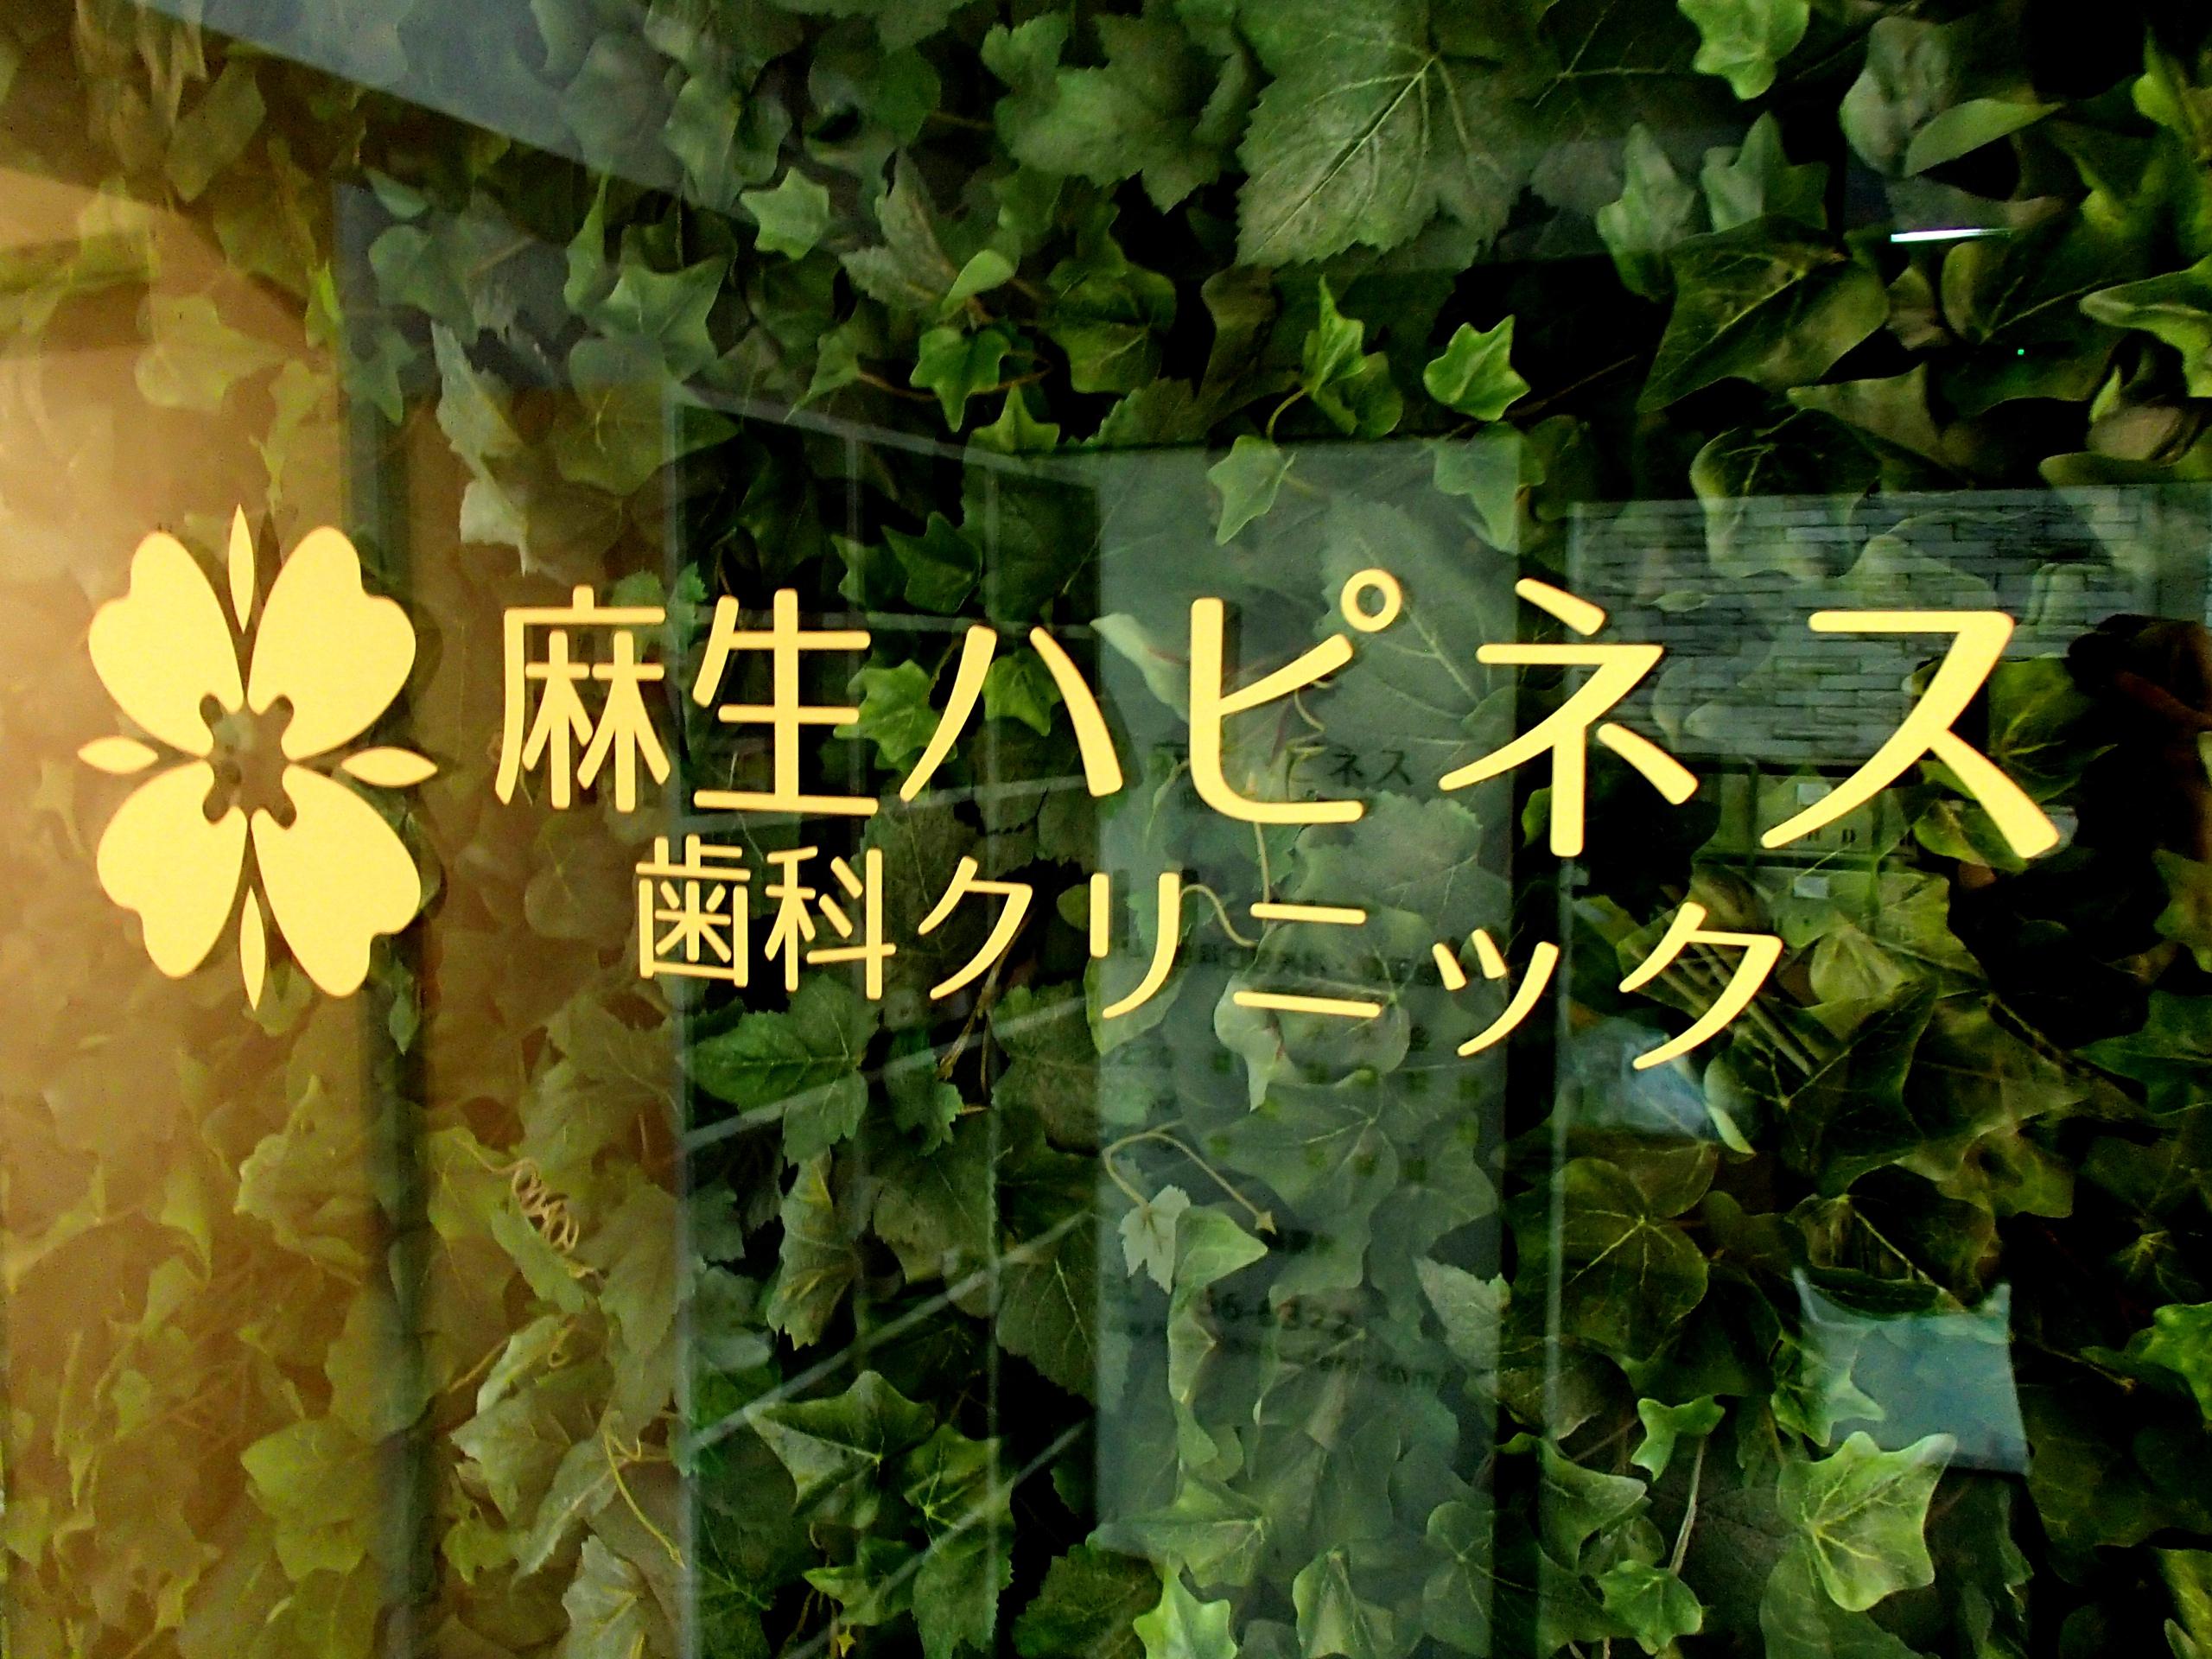 麻生ハピネス歯科クリニック / 2019